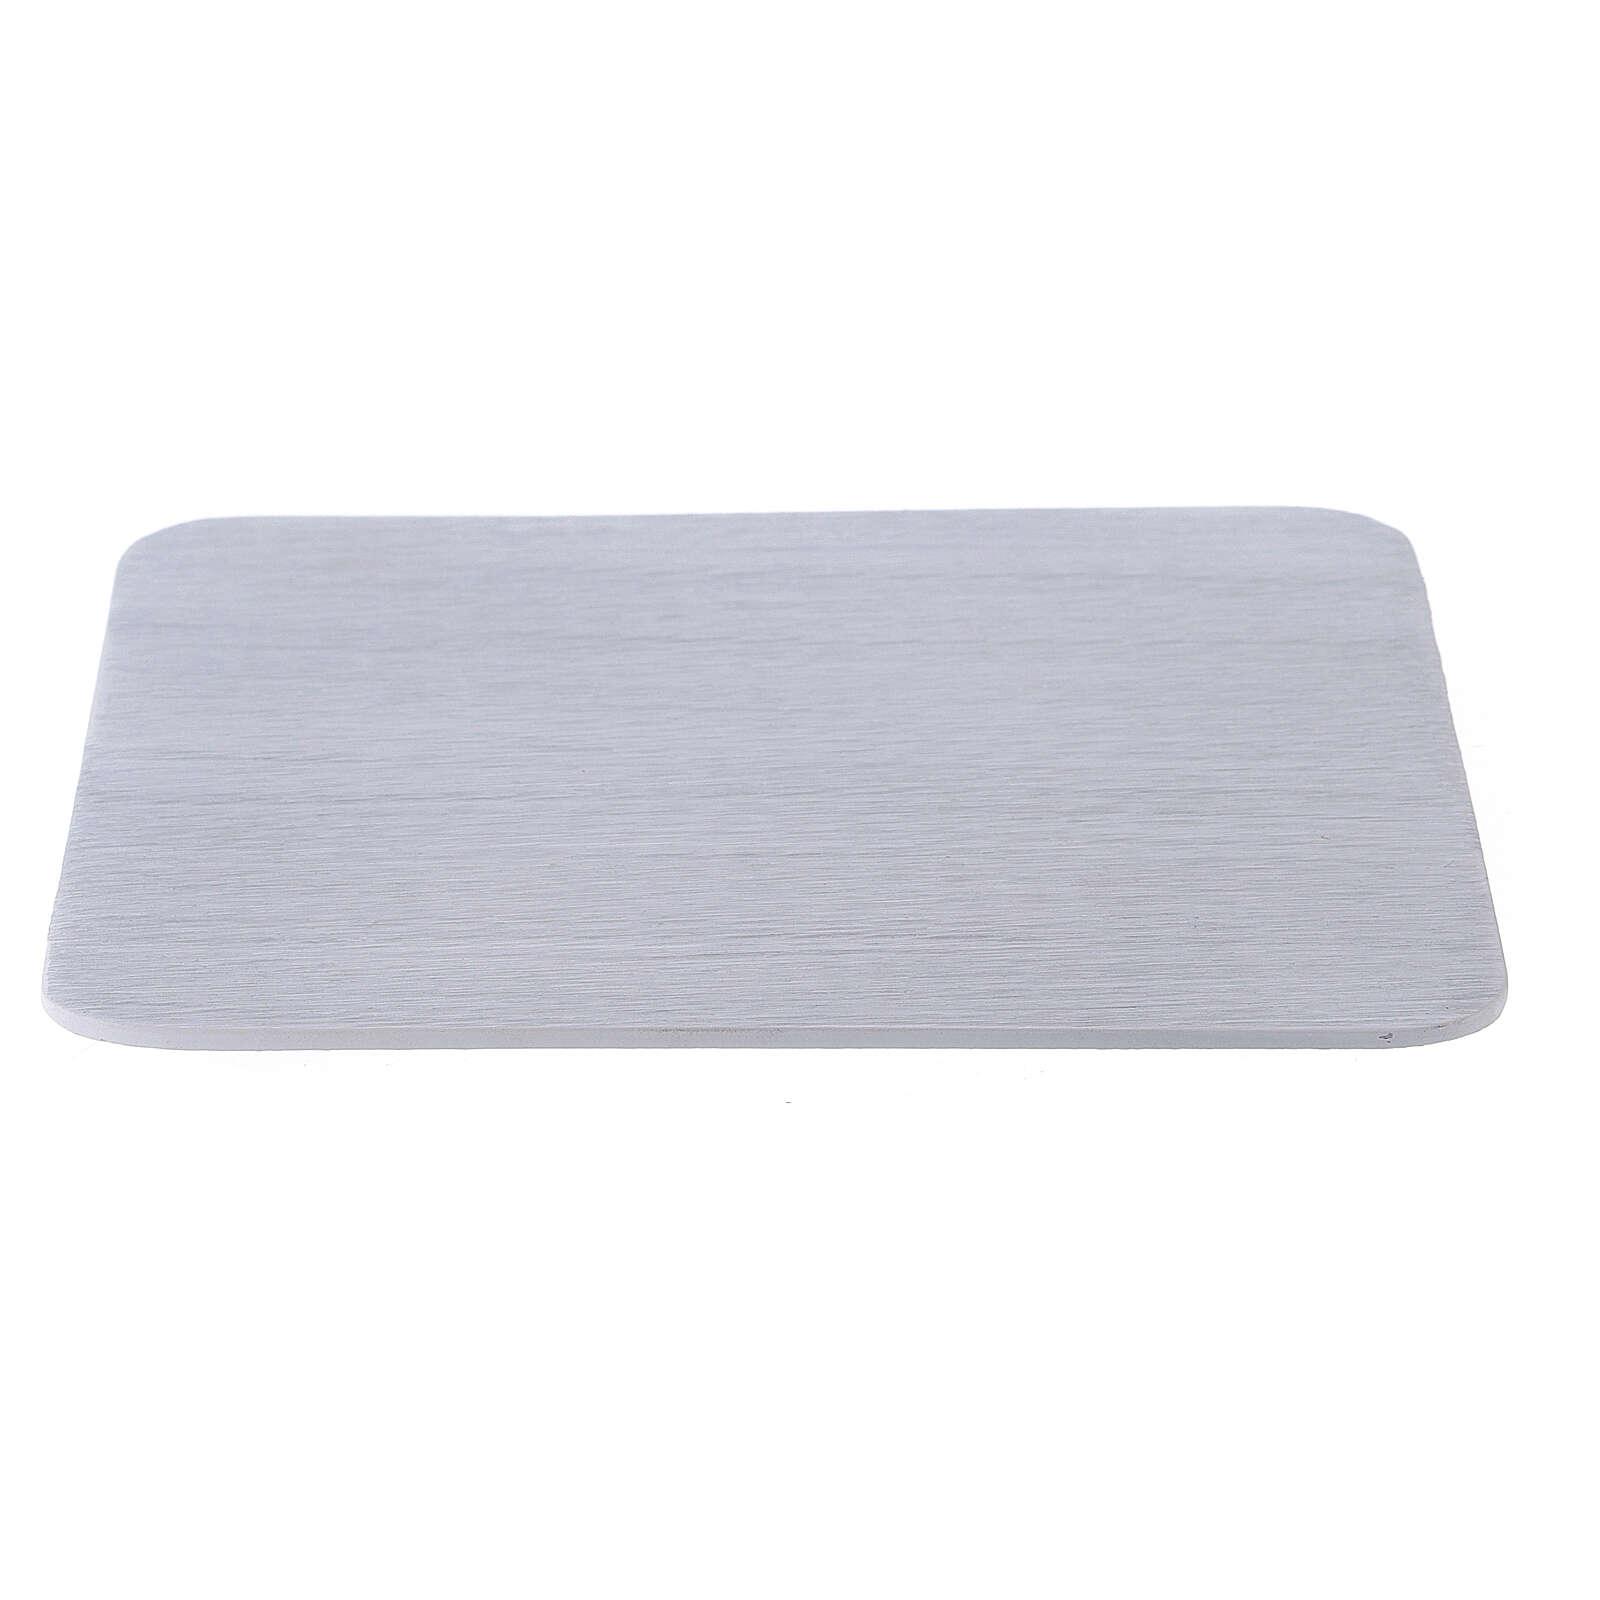 Piatto portacandela alluminio bianco quadrato 14x14 cm 3